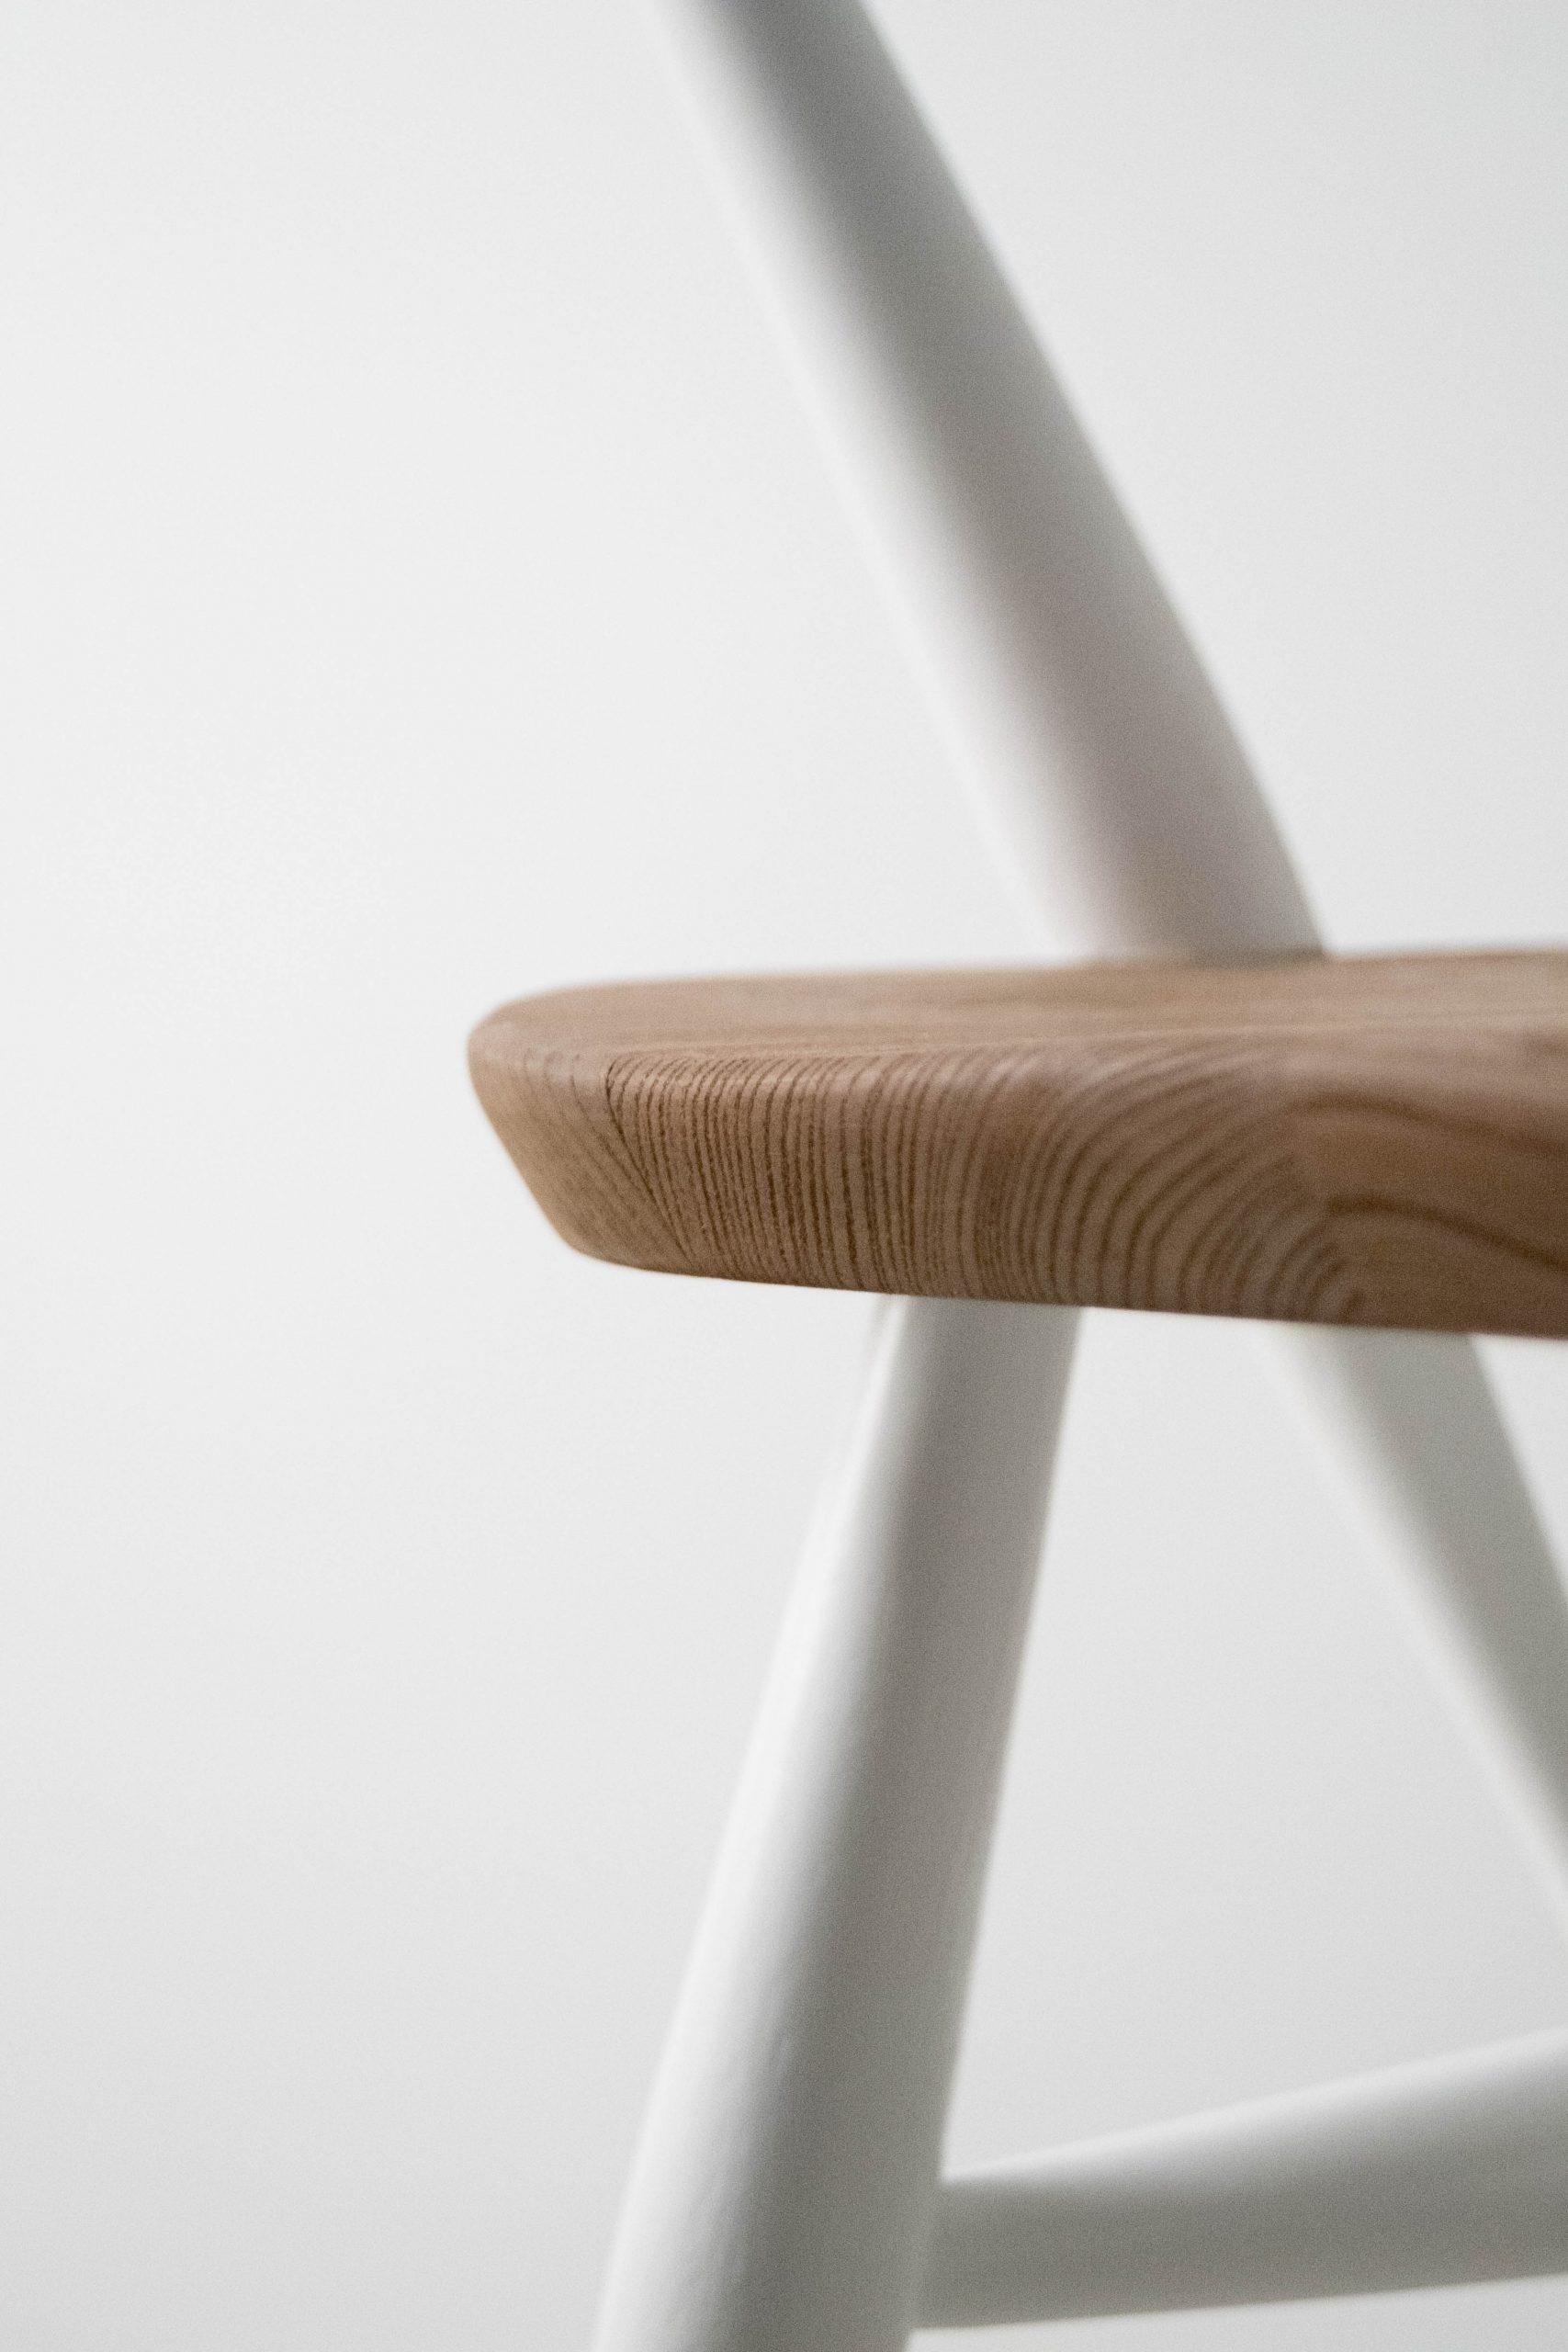 detalle de madera ebanista de madera silla de comedor silla de diseño